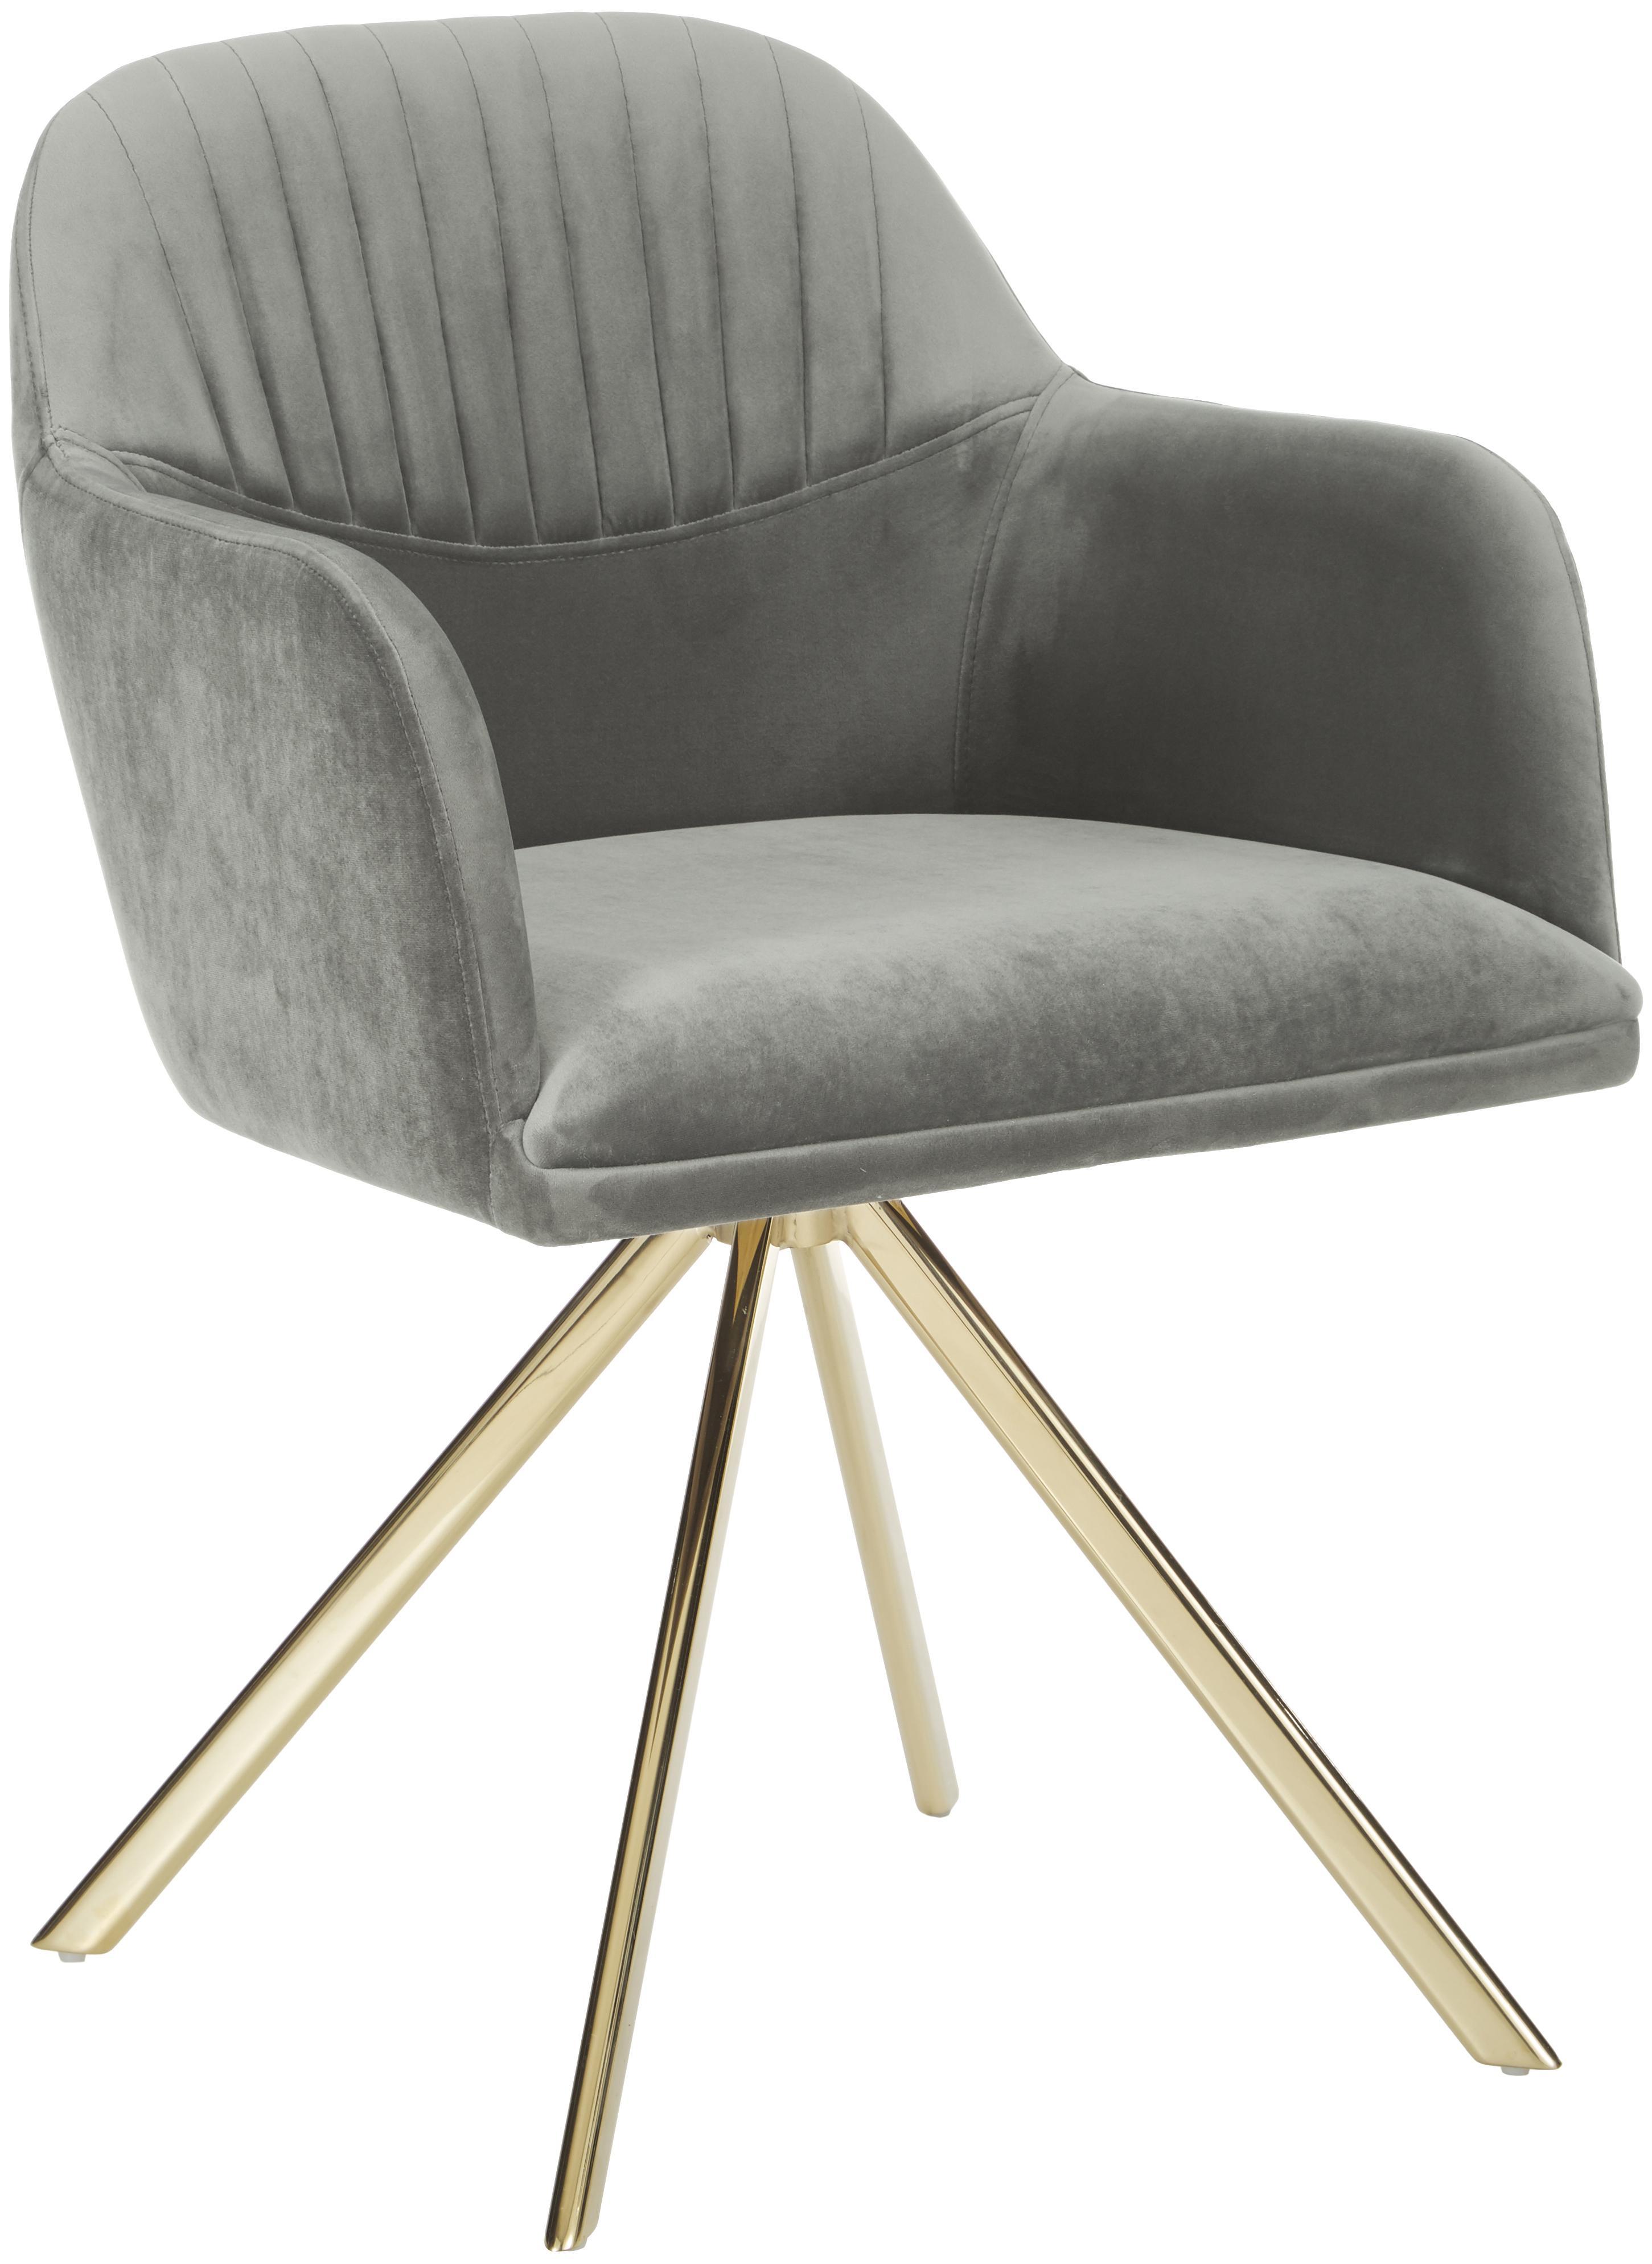 Krzesło obrotowe z aksamitu z podłokietnikami Lola, Tapicerka: aksamit (100% poliester) , Nogi: metal galwanizowany, Aksamitny szary kamienny, nogi: złoty, S 52 x G 57 cm